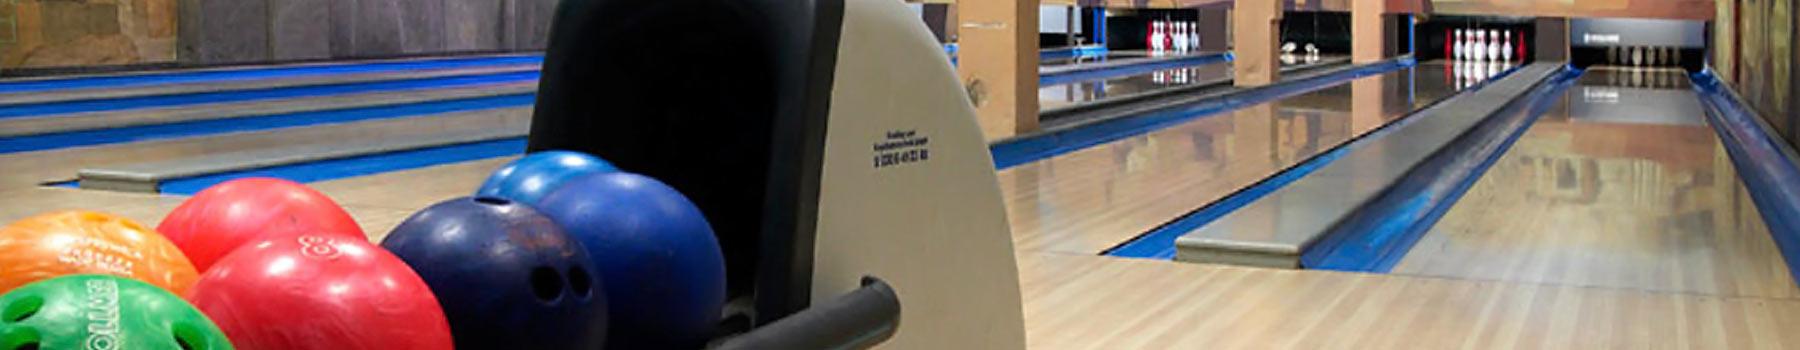 Bahn schmal - City Bowling